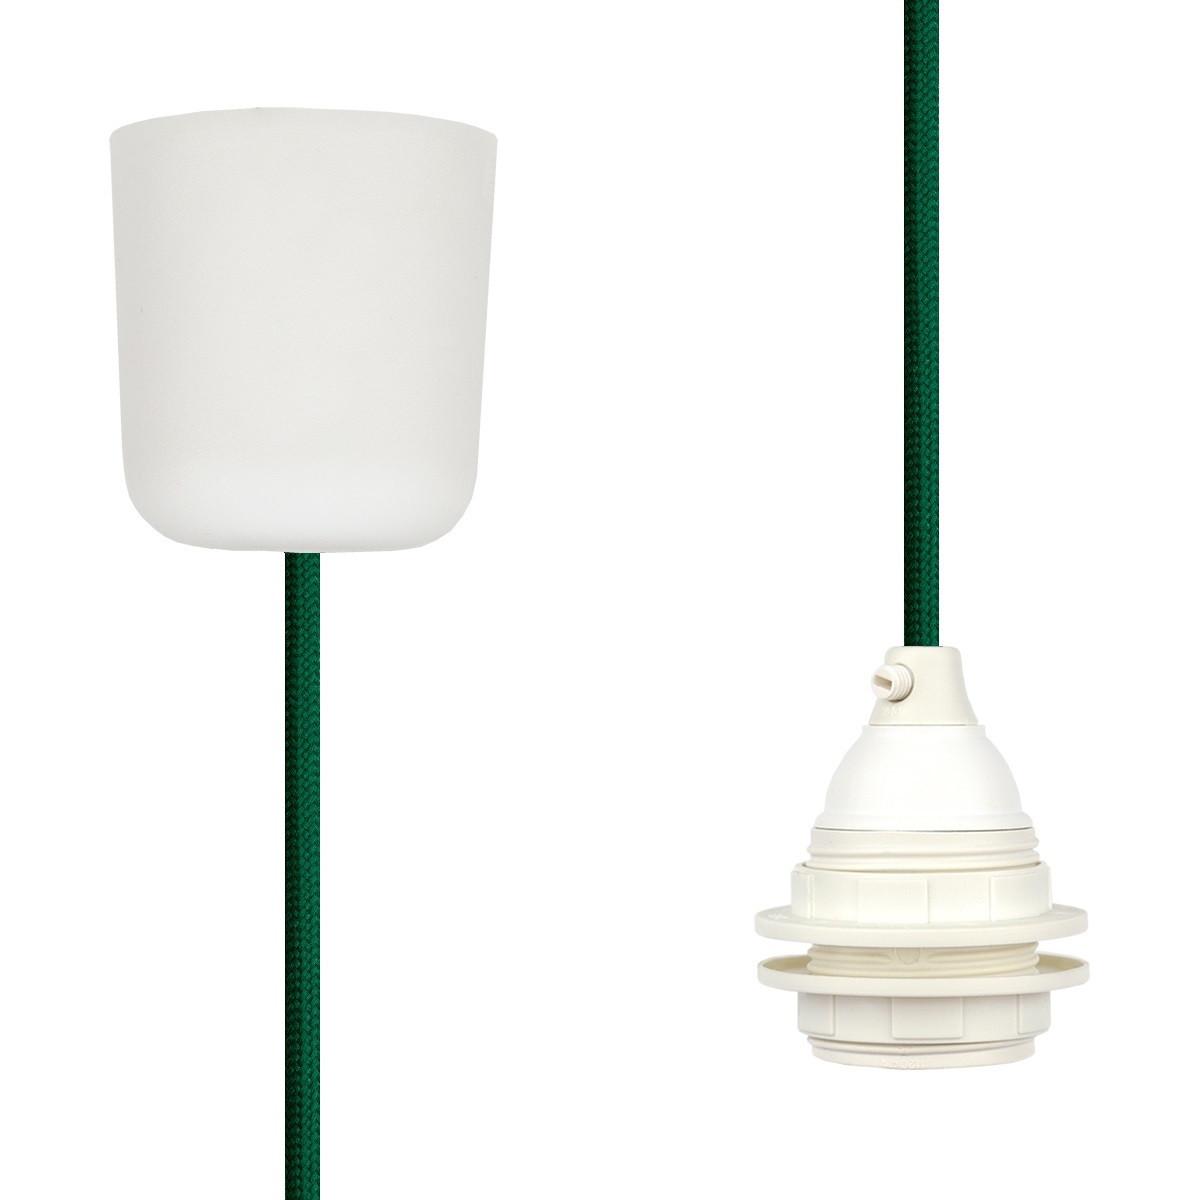 Textilkabel-Hängeleuchte Kunststoff grün